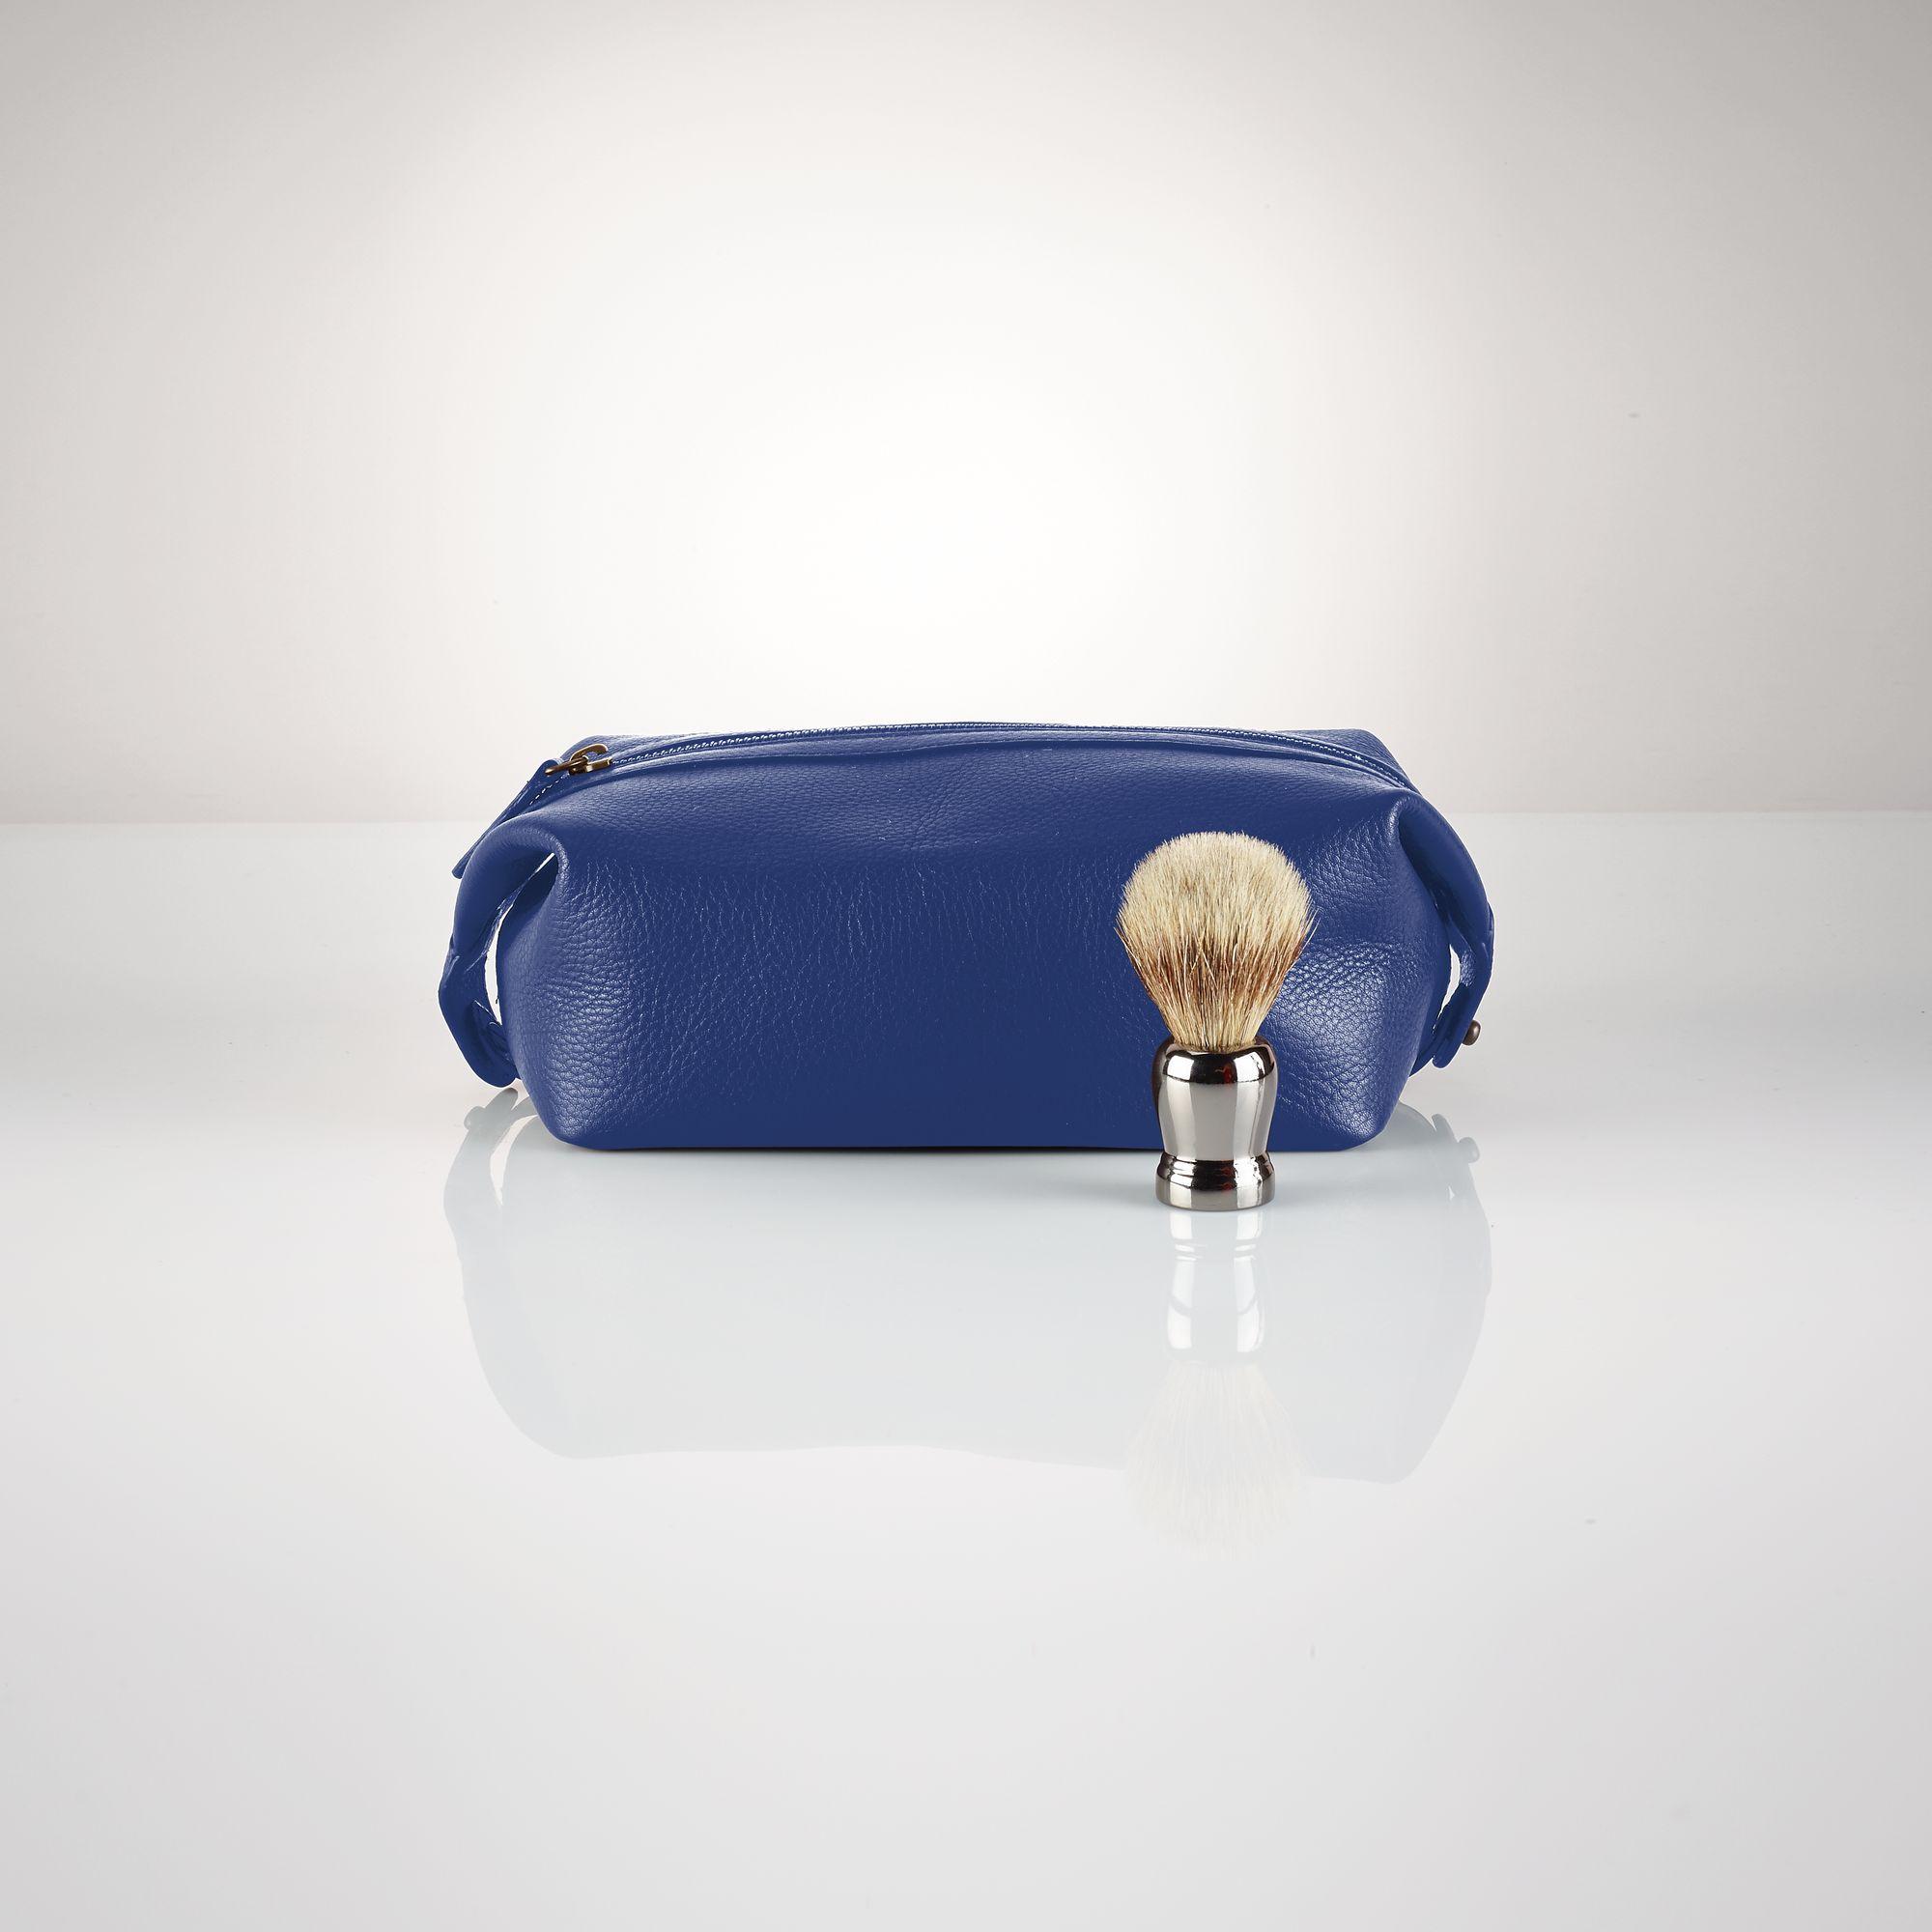 036f52798465 Polo Ralph Lauren Leather Shaving Kit in Blue for Men - Lyst